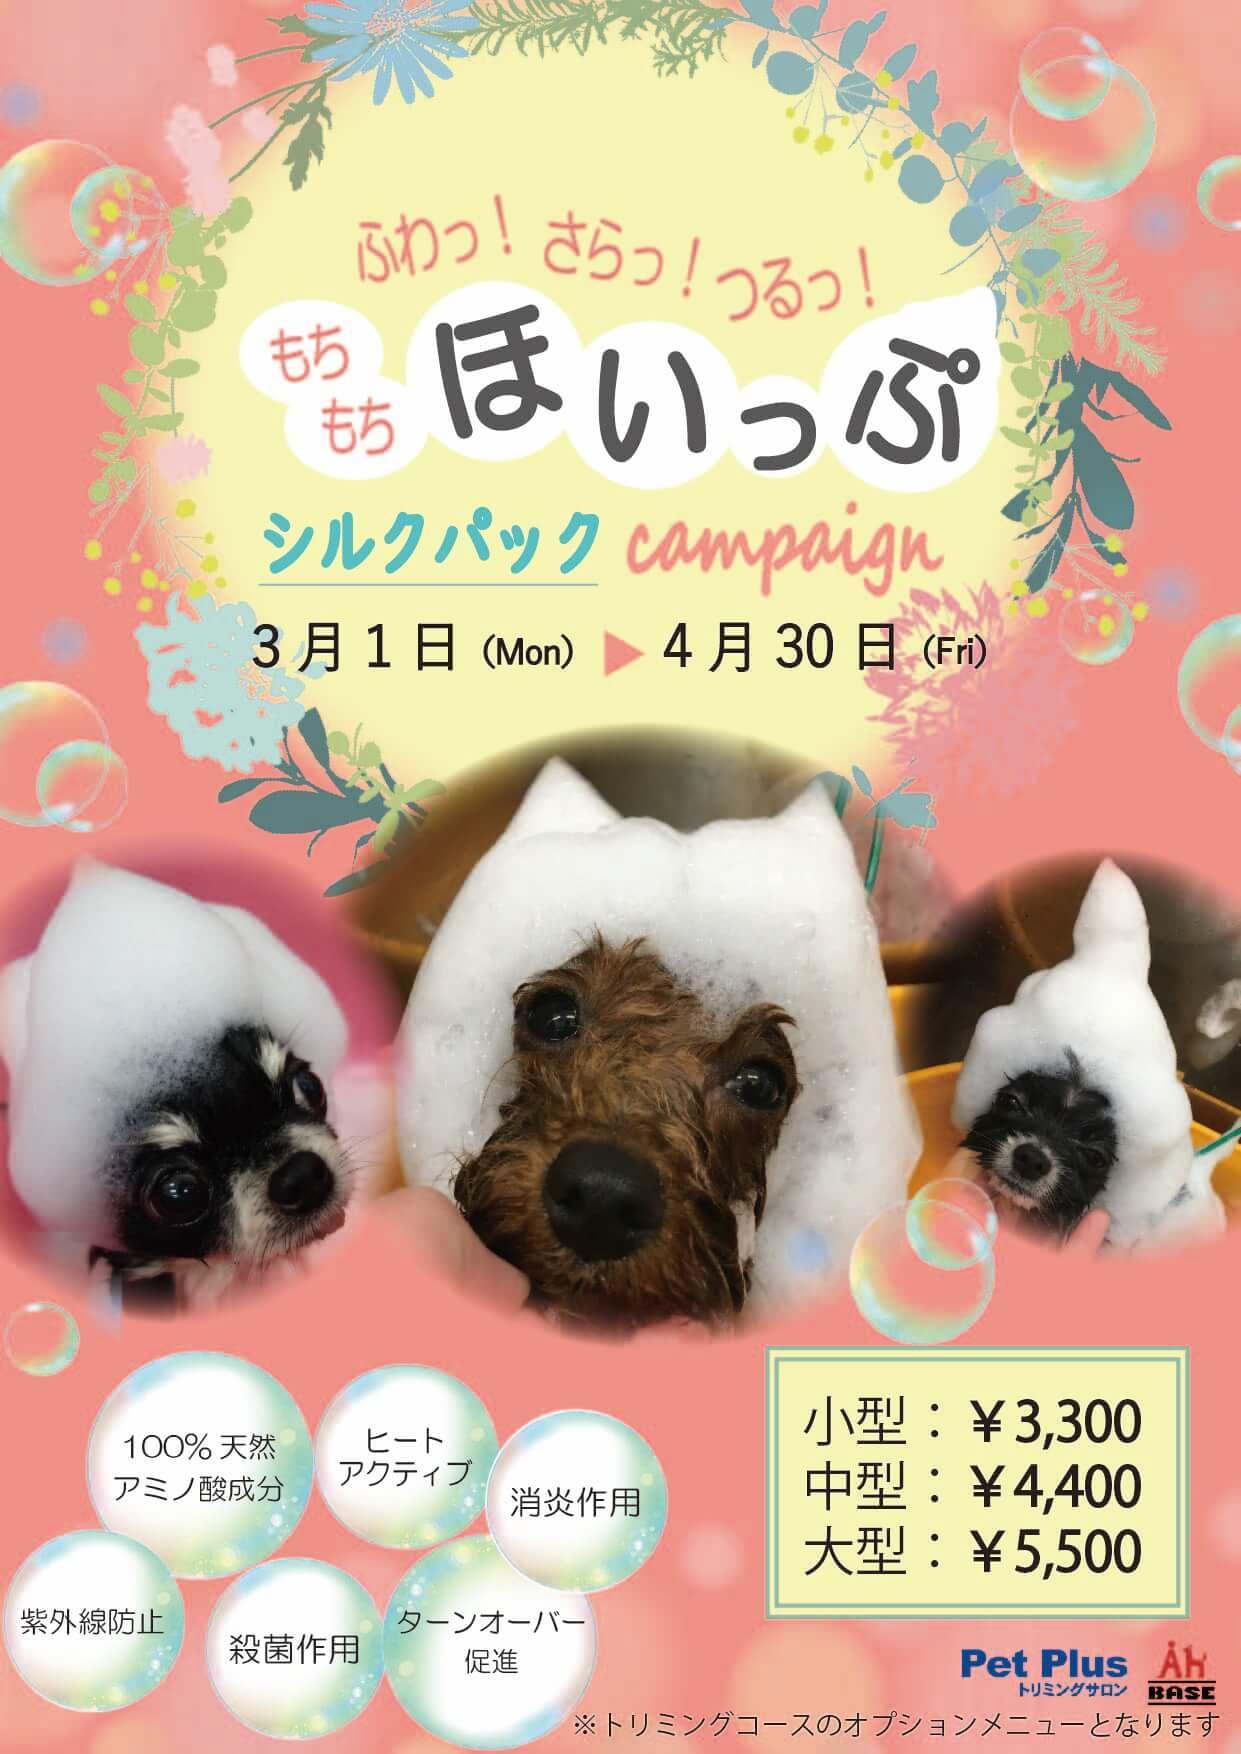 3月1日~4月30日開催 ふわっさらっつるっ もちもちほいっぷシルクパックキャンペーン!!